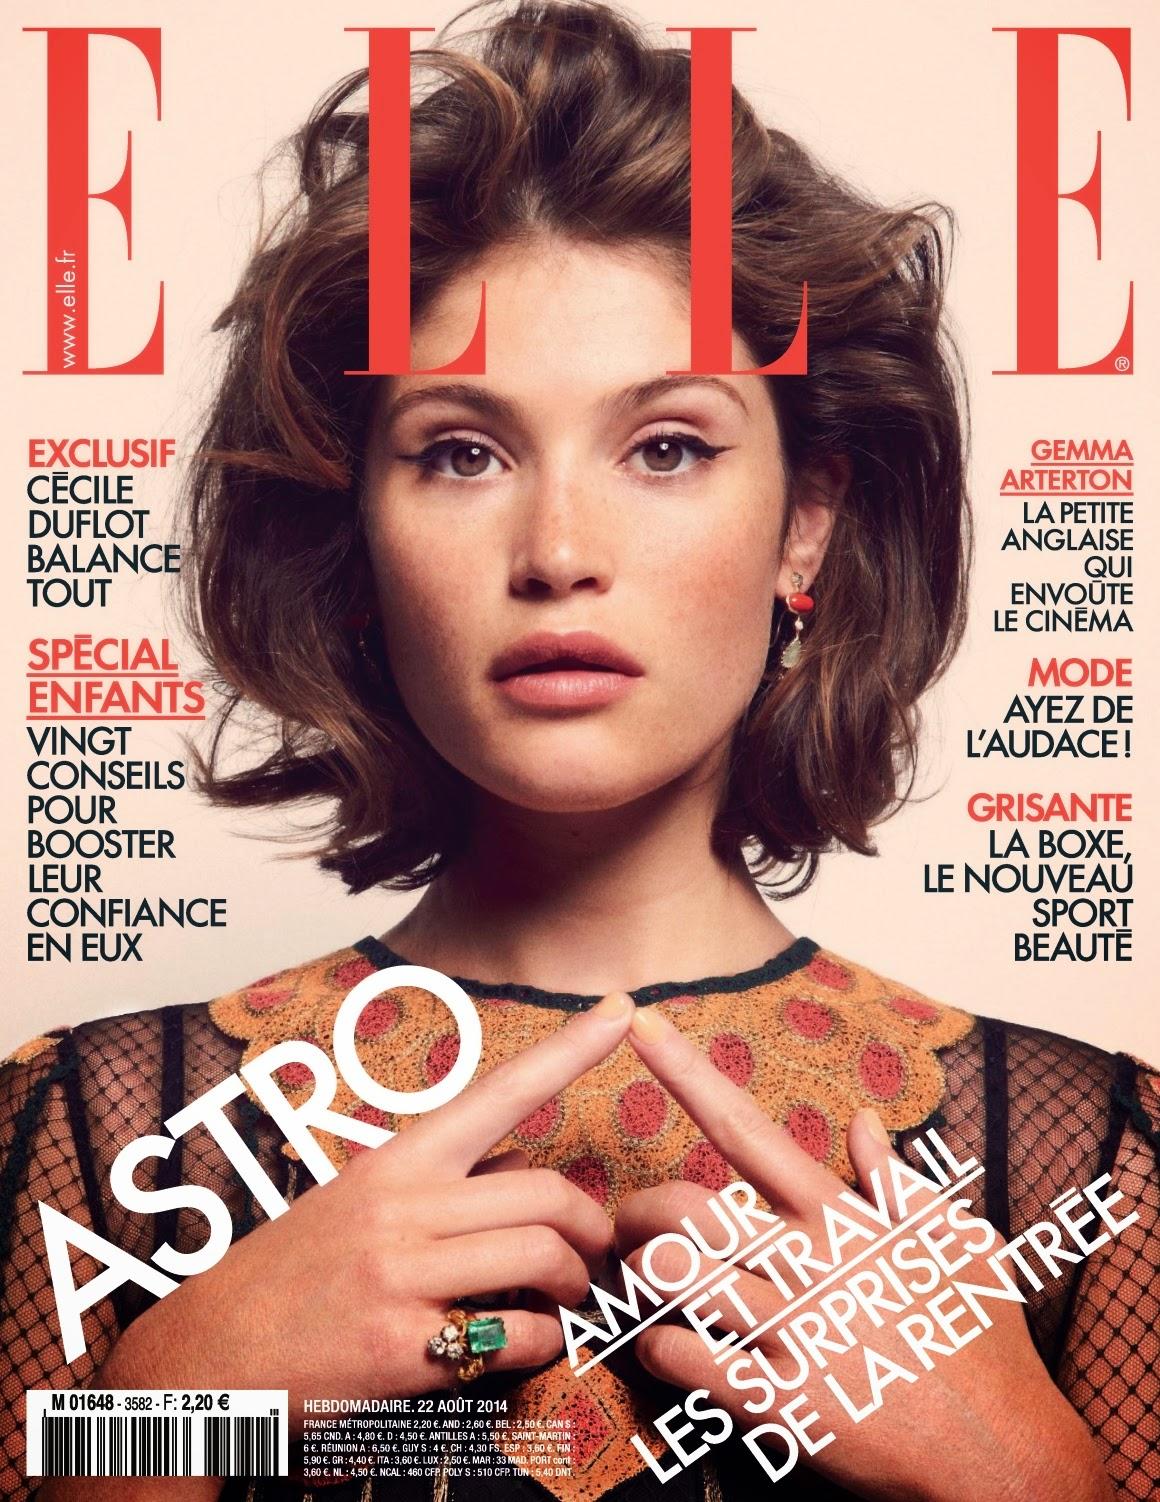 ELLE-France-Gemma-Arterton-by-Dusan-Reljin-for-Elle-France-22nd-August-2014